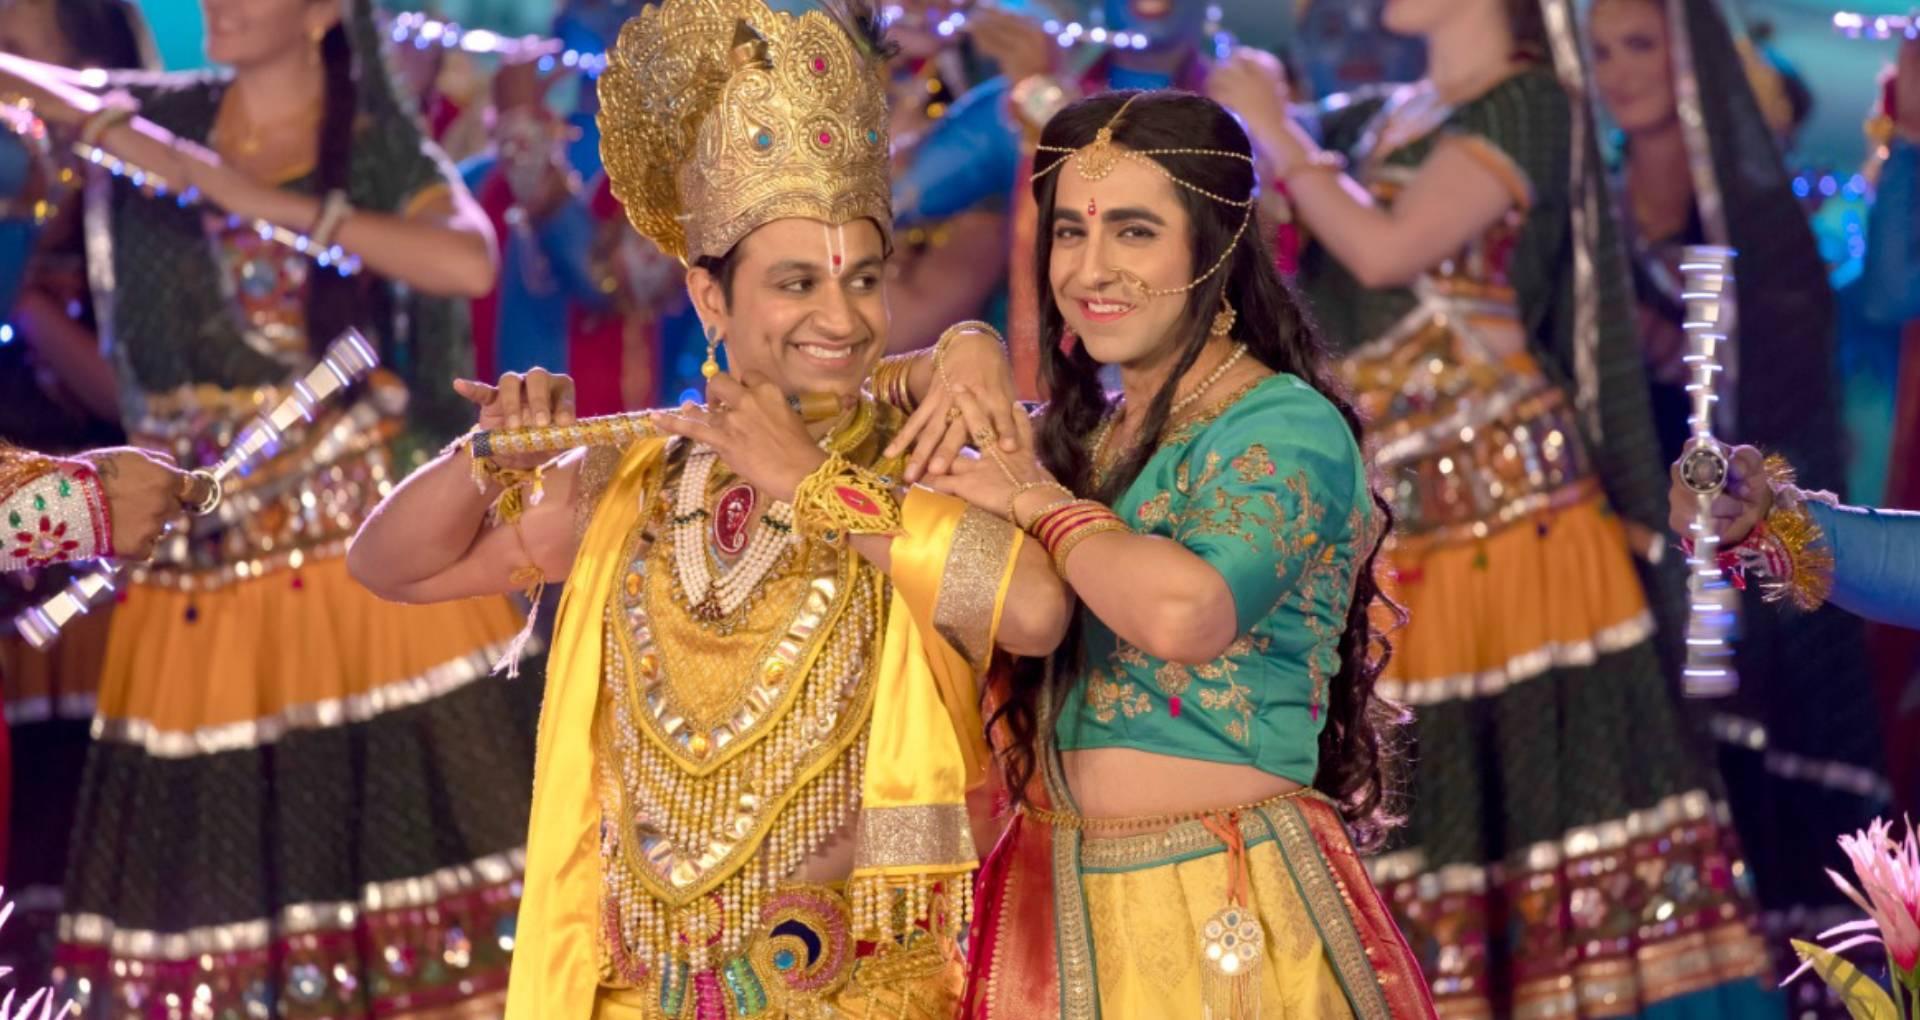 Radhe Radhe Song: ड्रीम गर्ल का पहला गाना राधे-राधे रिलीज, भगवान कृष्ण के अवतार में नाचते दिखे आयुष्मान खुराना